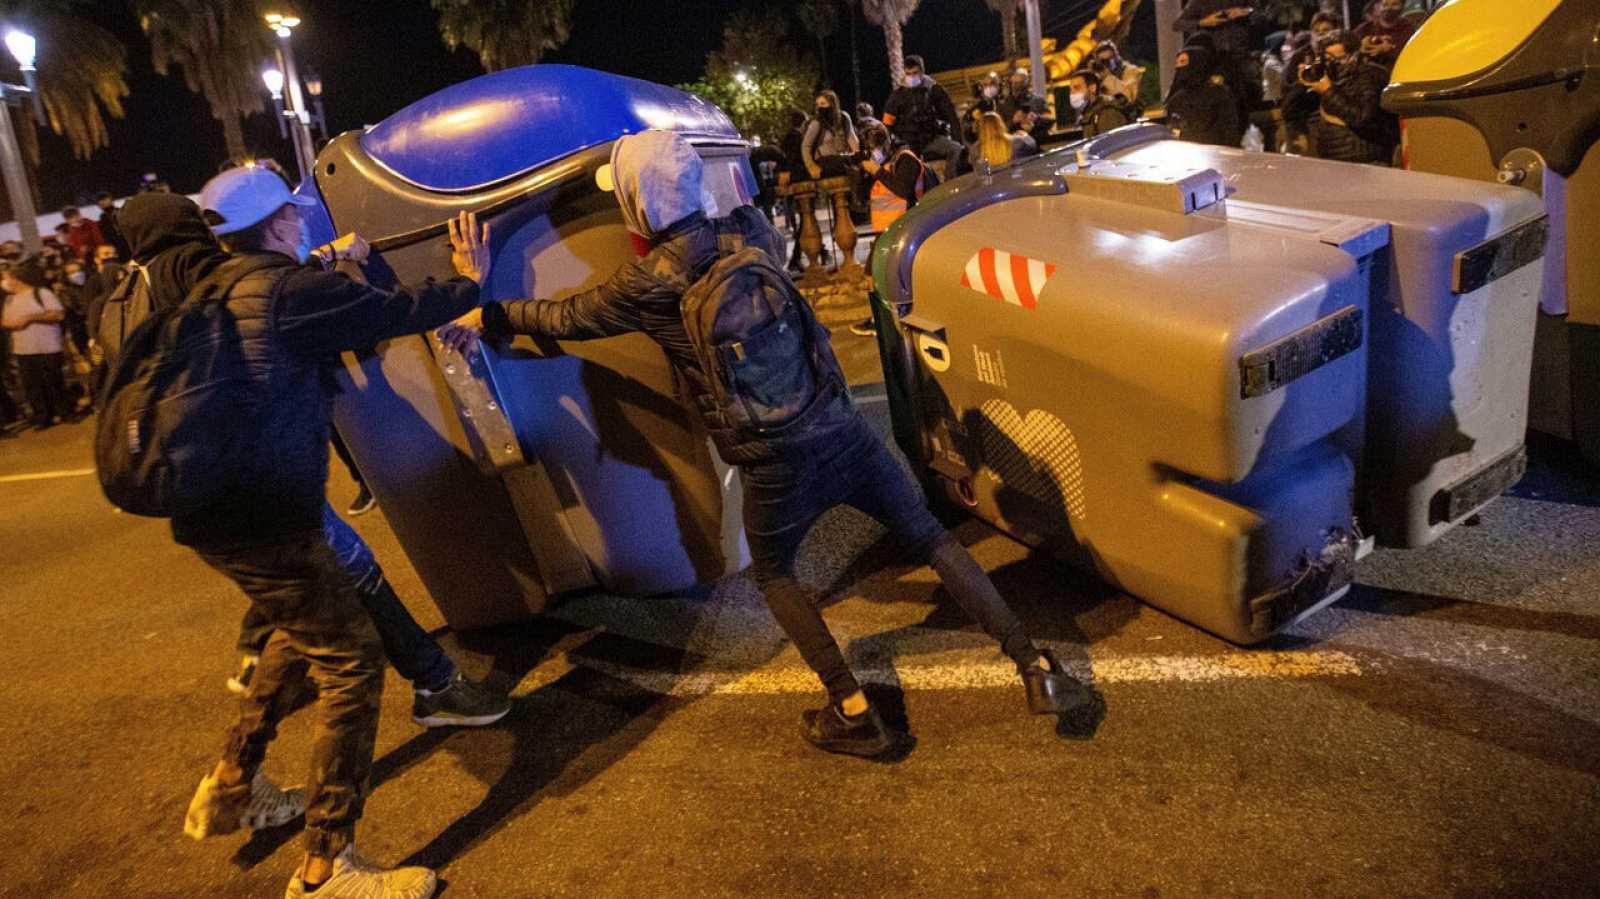 Imagen de los disturbios producidos en Barcelona durante las concentraciones convocadas por los CDR, en el aniversario de las condenas de prisión a los principales lideres del movimiento independentista.